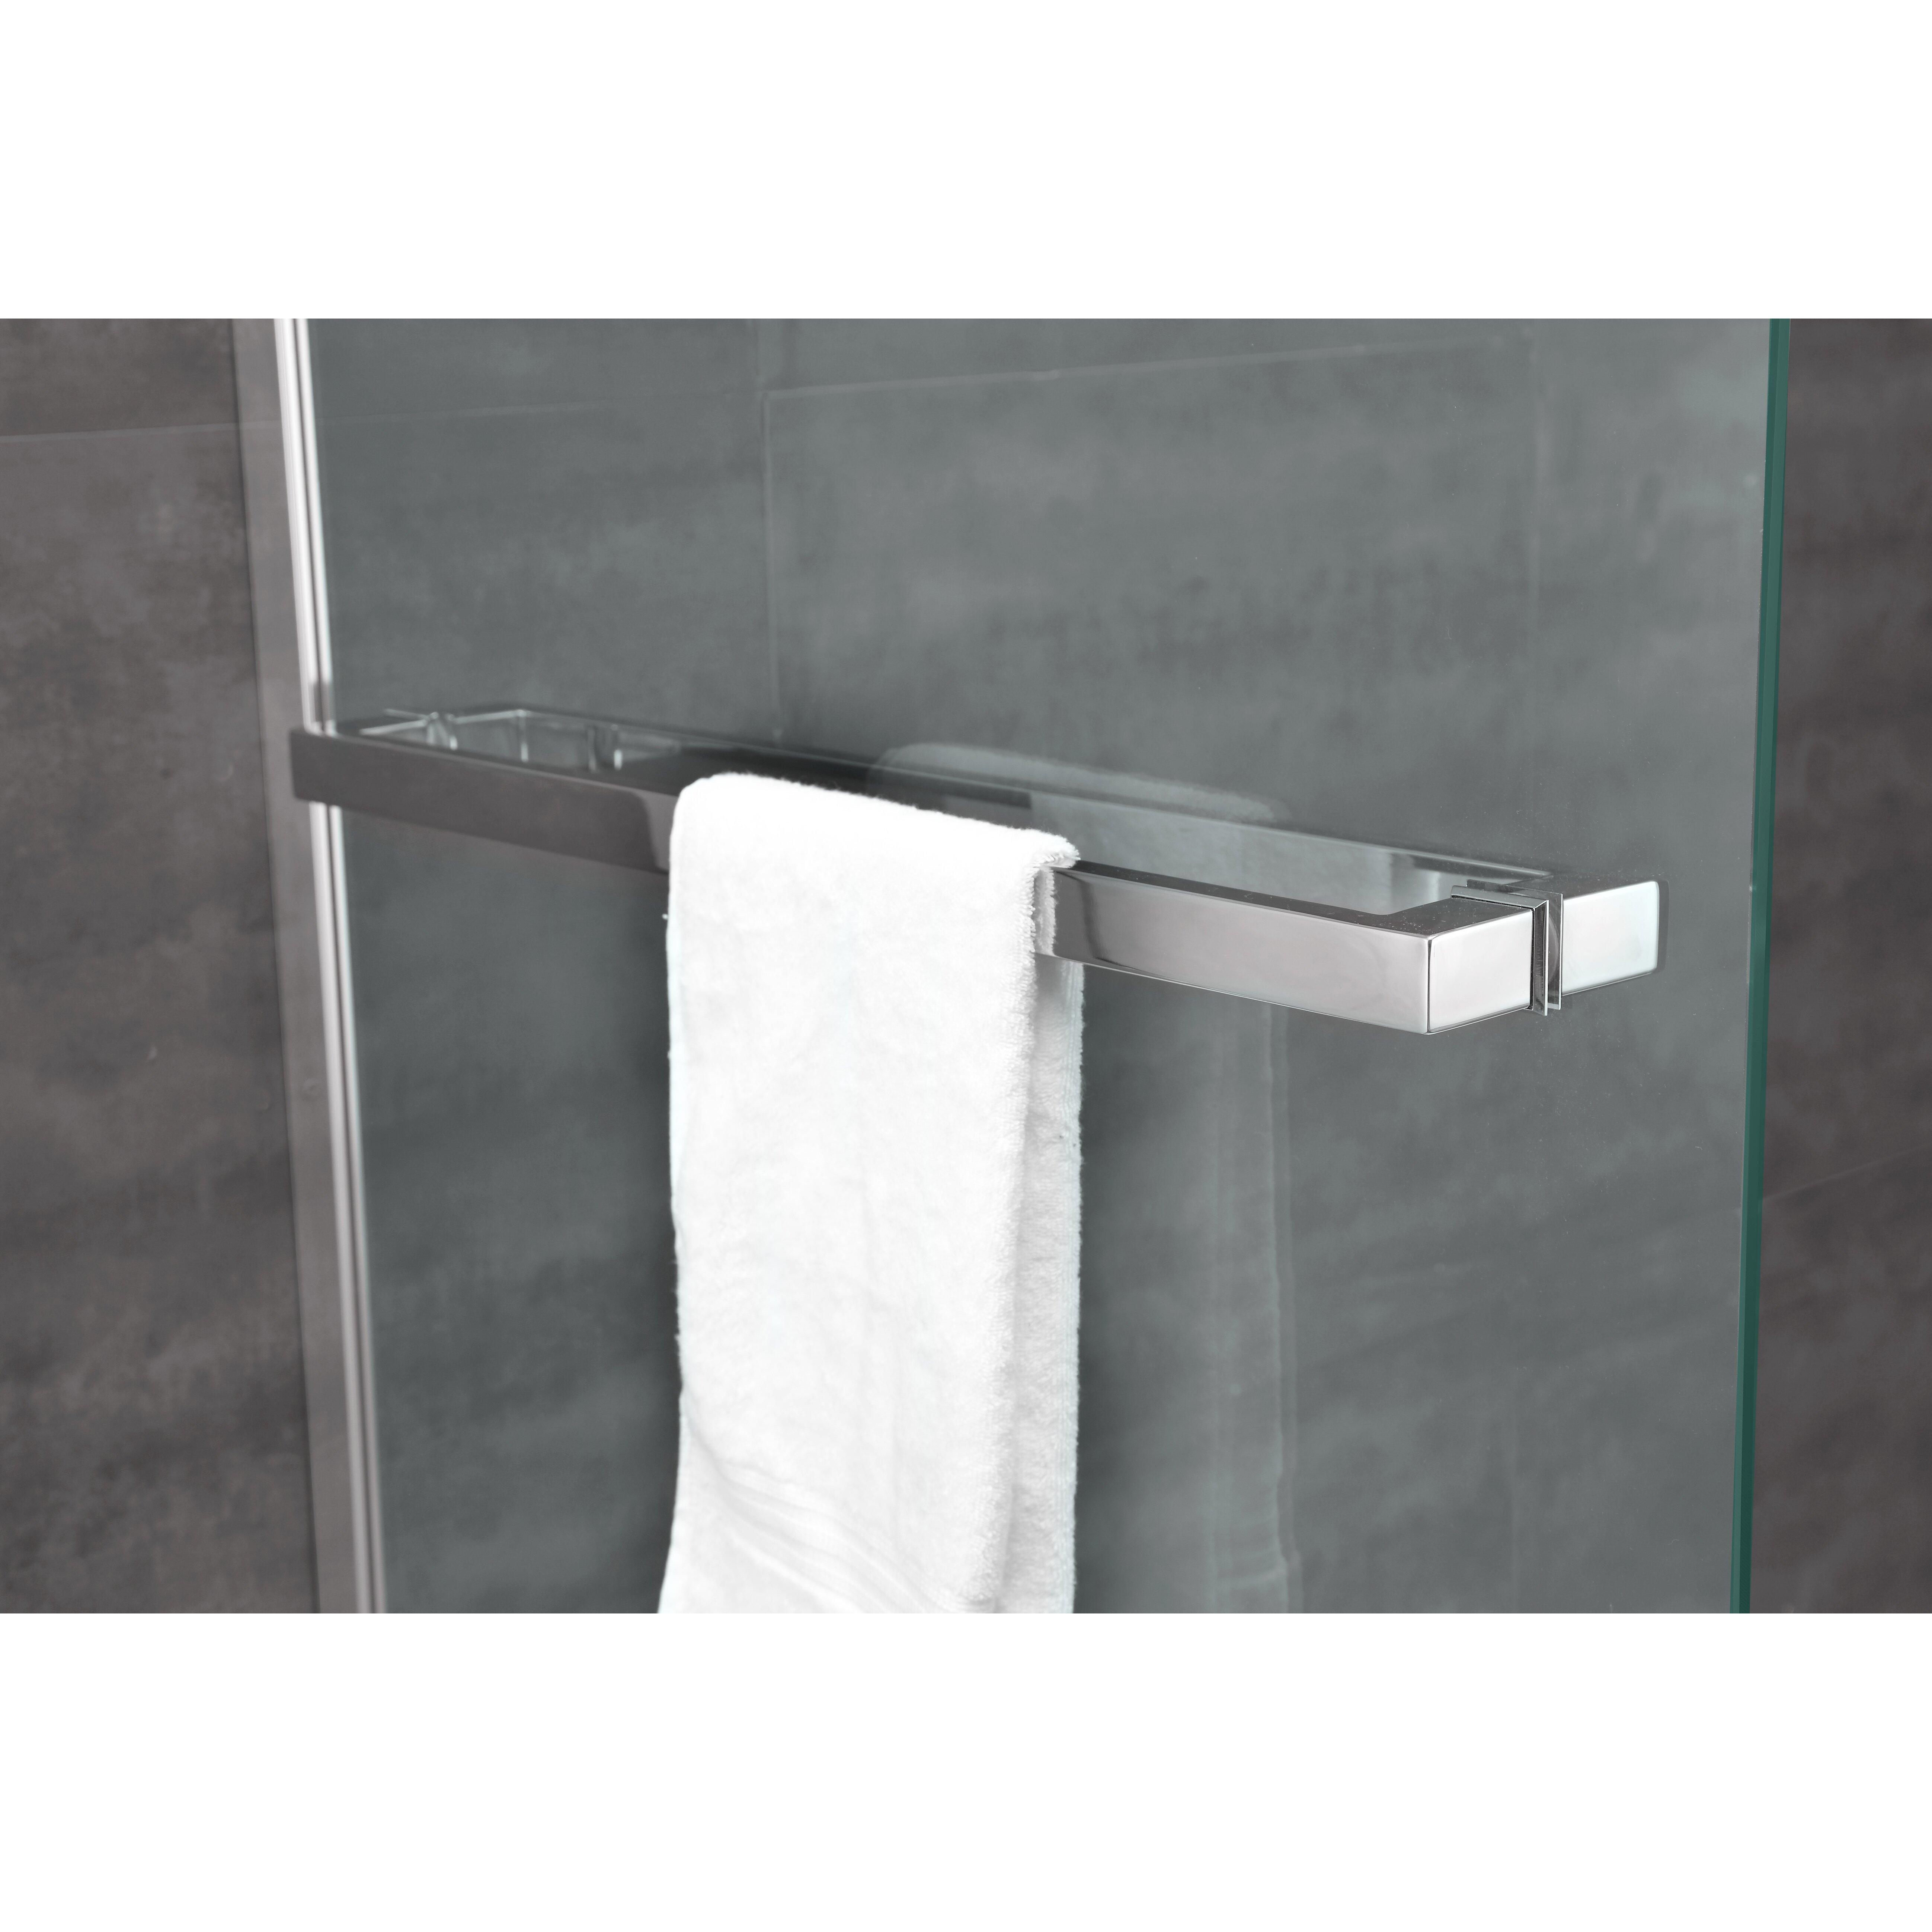 Ove Decors Shower Doors Ove Decors Nevis 466 X 79 Shower Door Reviews Wayfair